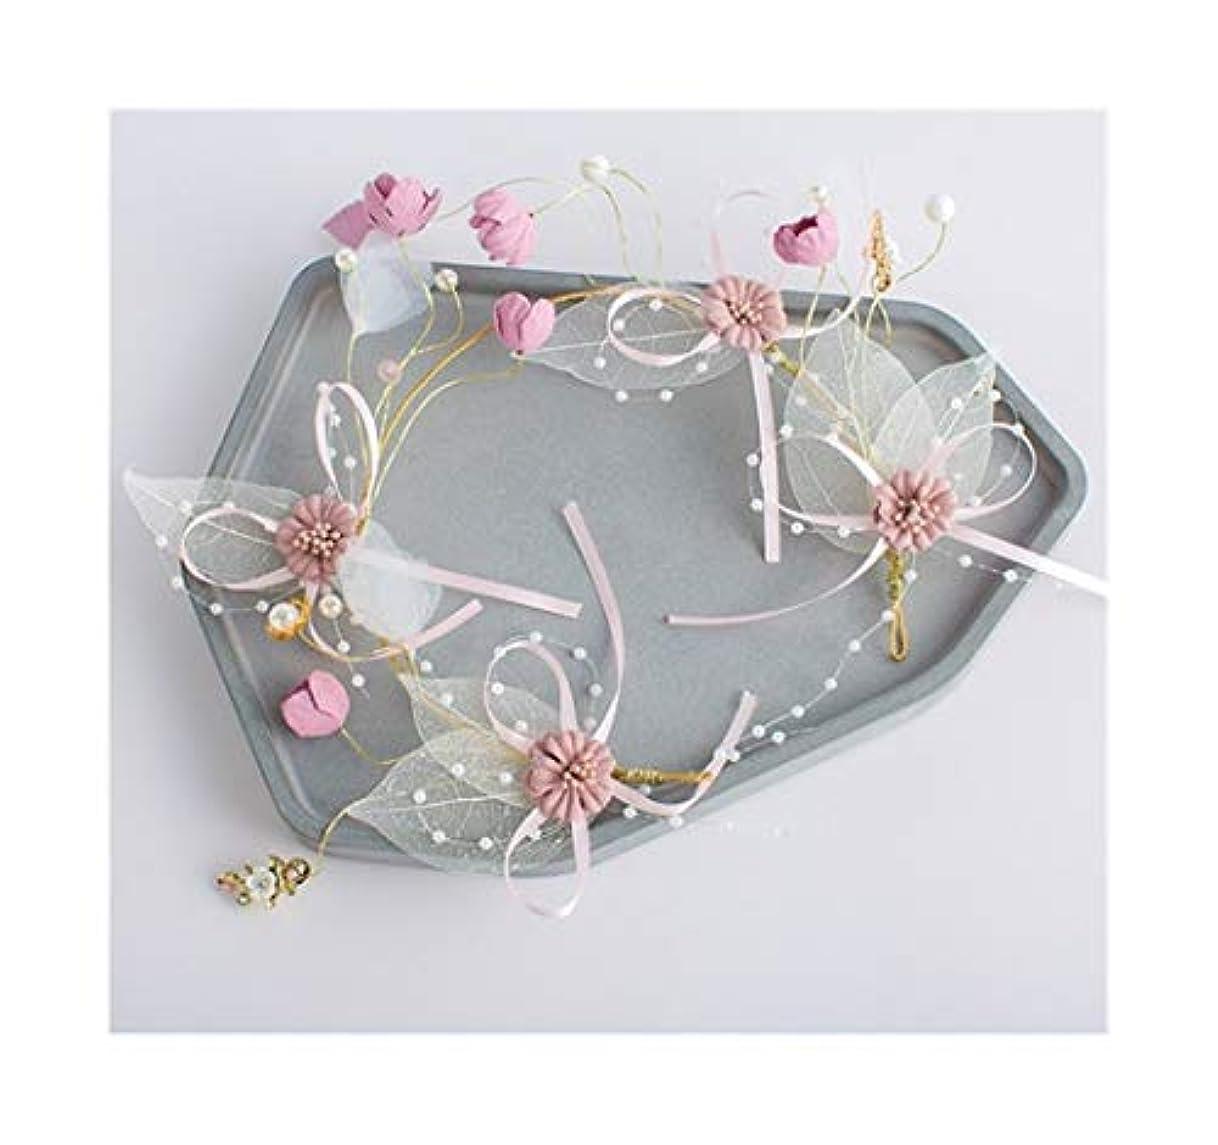 時間靴ジャニスブライダルティアラセンXianmeiの結婚式は甘いスーパー妖精の韓国の結婚式のヘアアクセサリーヘッドバンド、教師へのクリスマスプレゼント (Color : Pink)